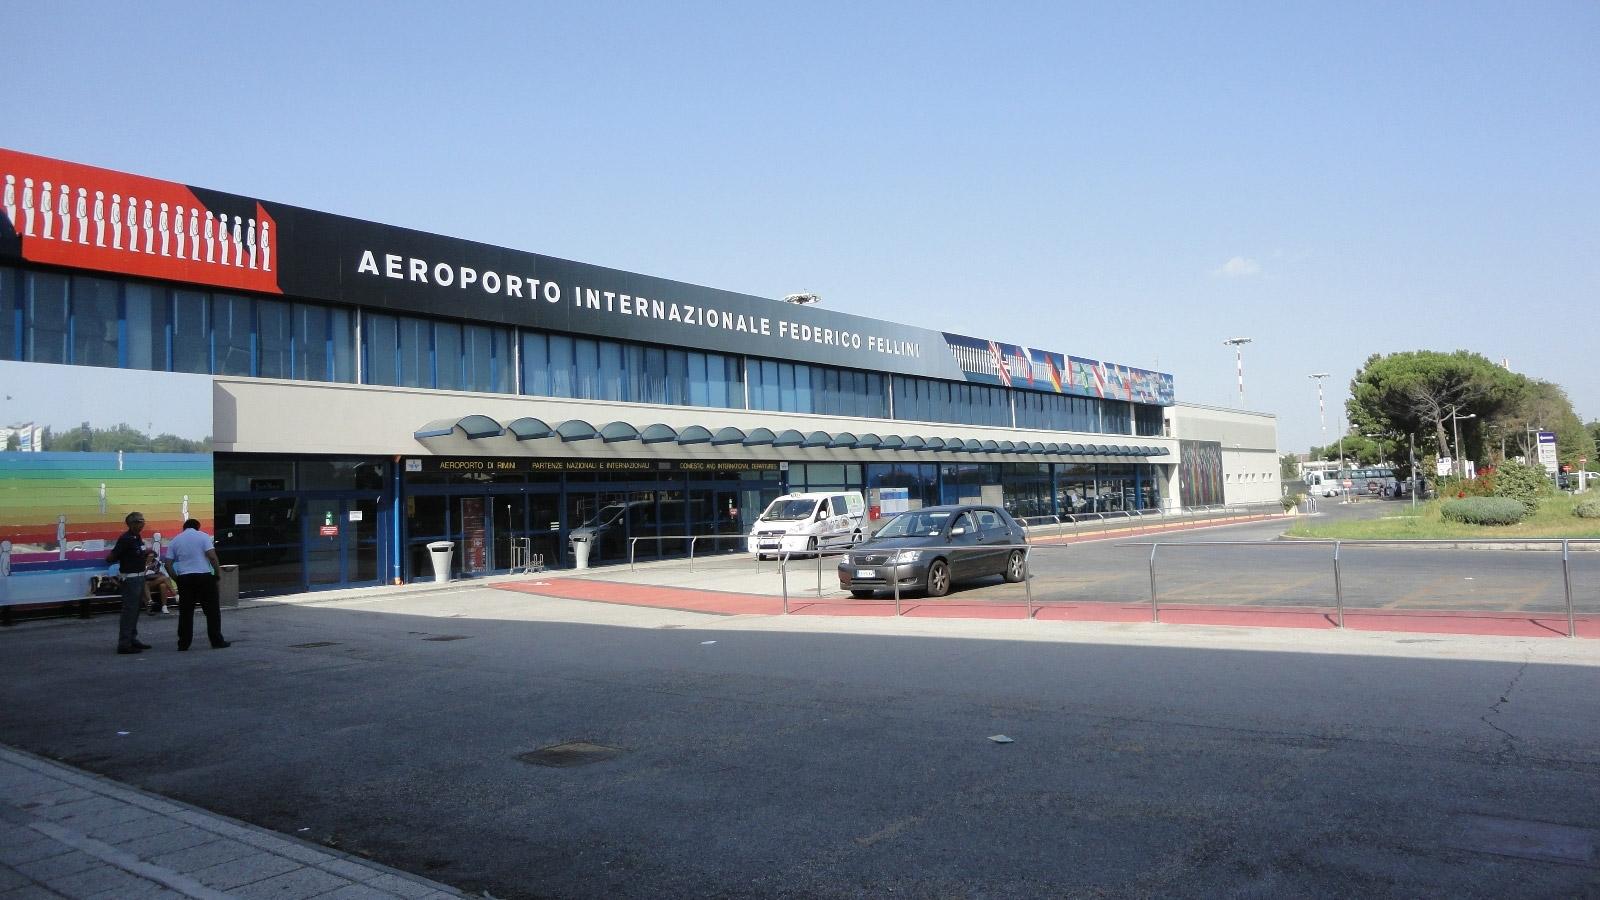 Аэропорт в Римини